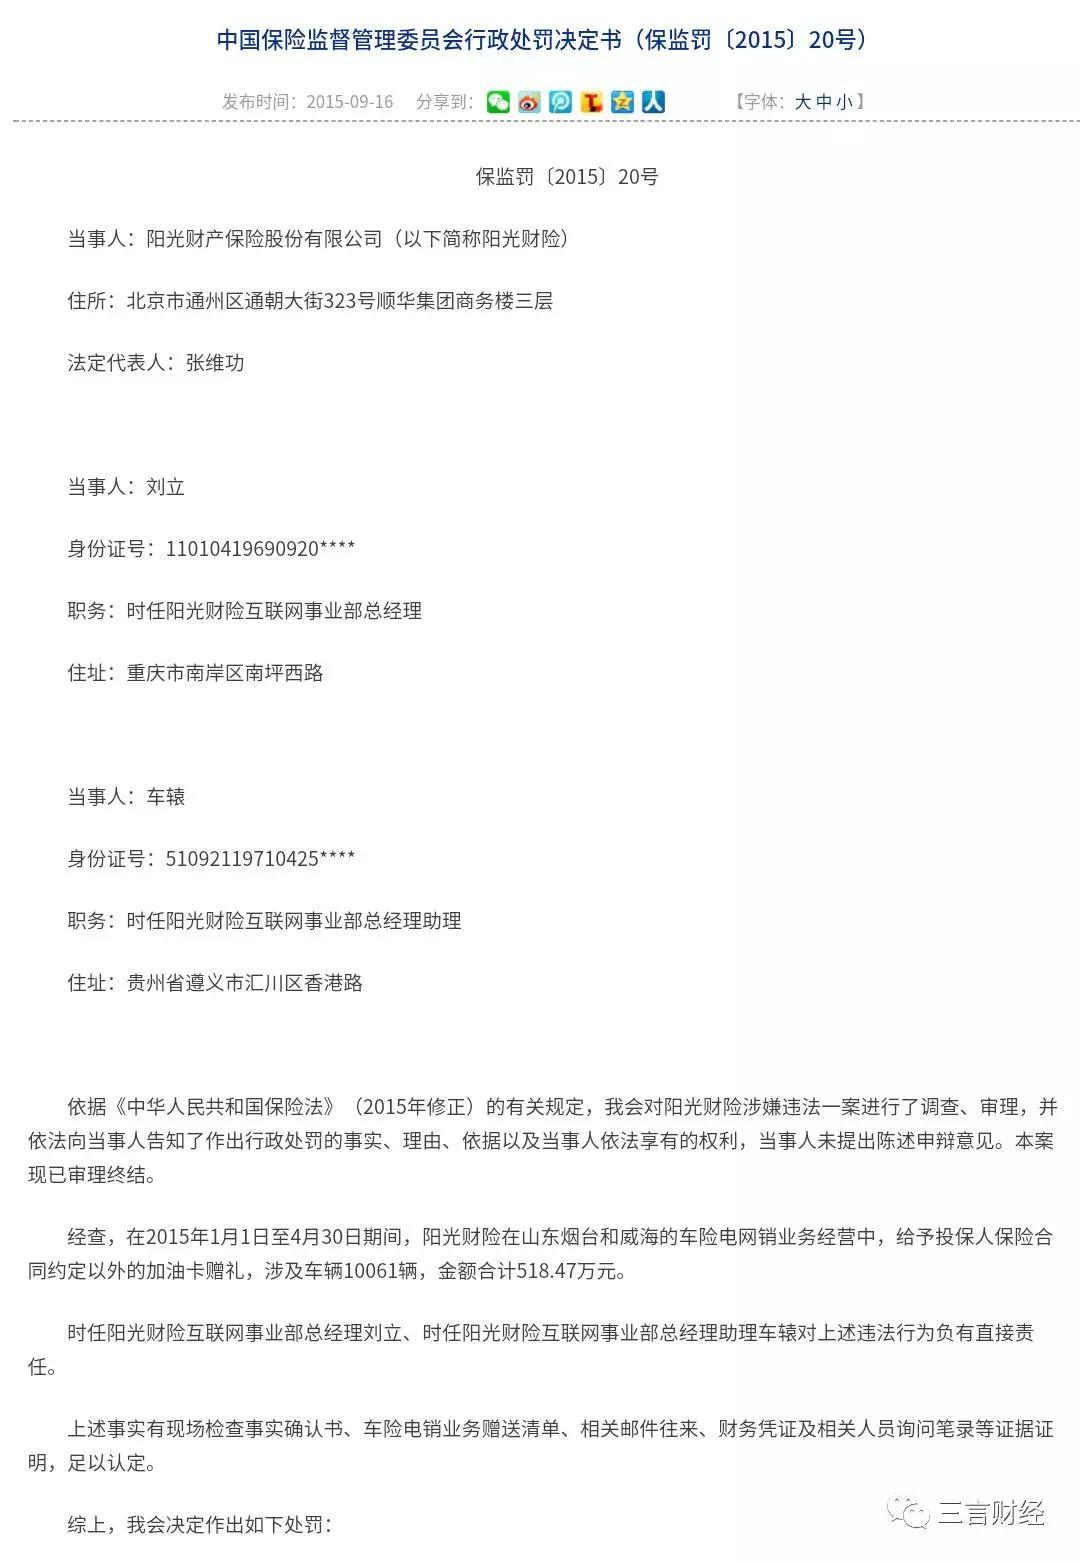 直通万连CEO车辕失联近2月,被曝涉阳光保险百亿腐败案5